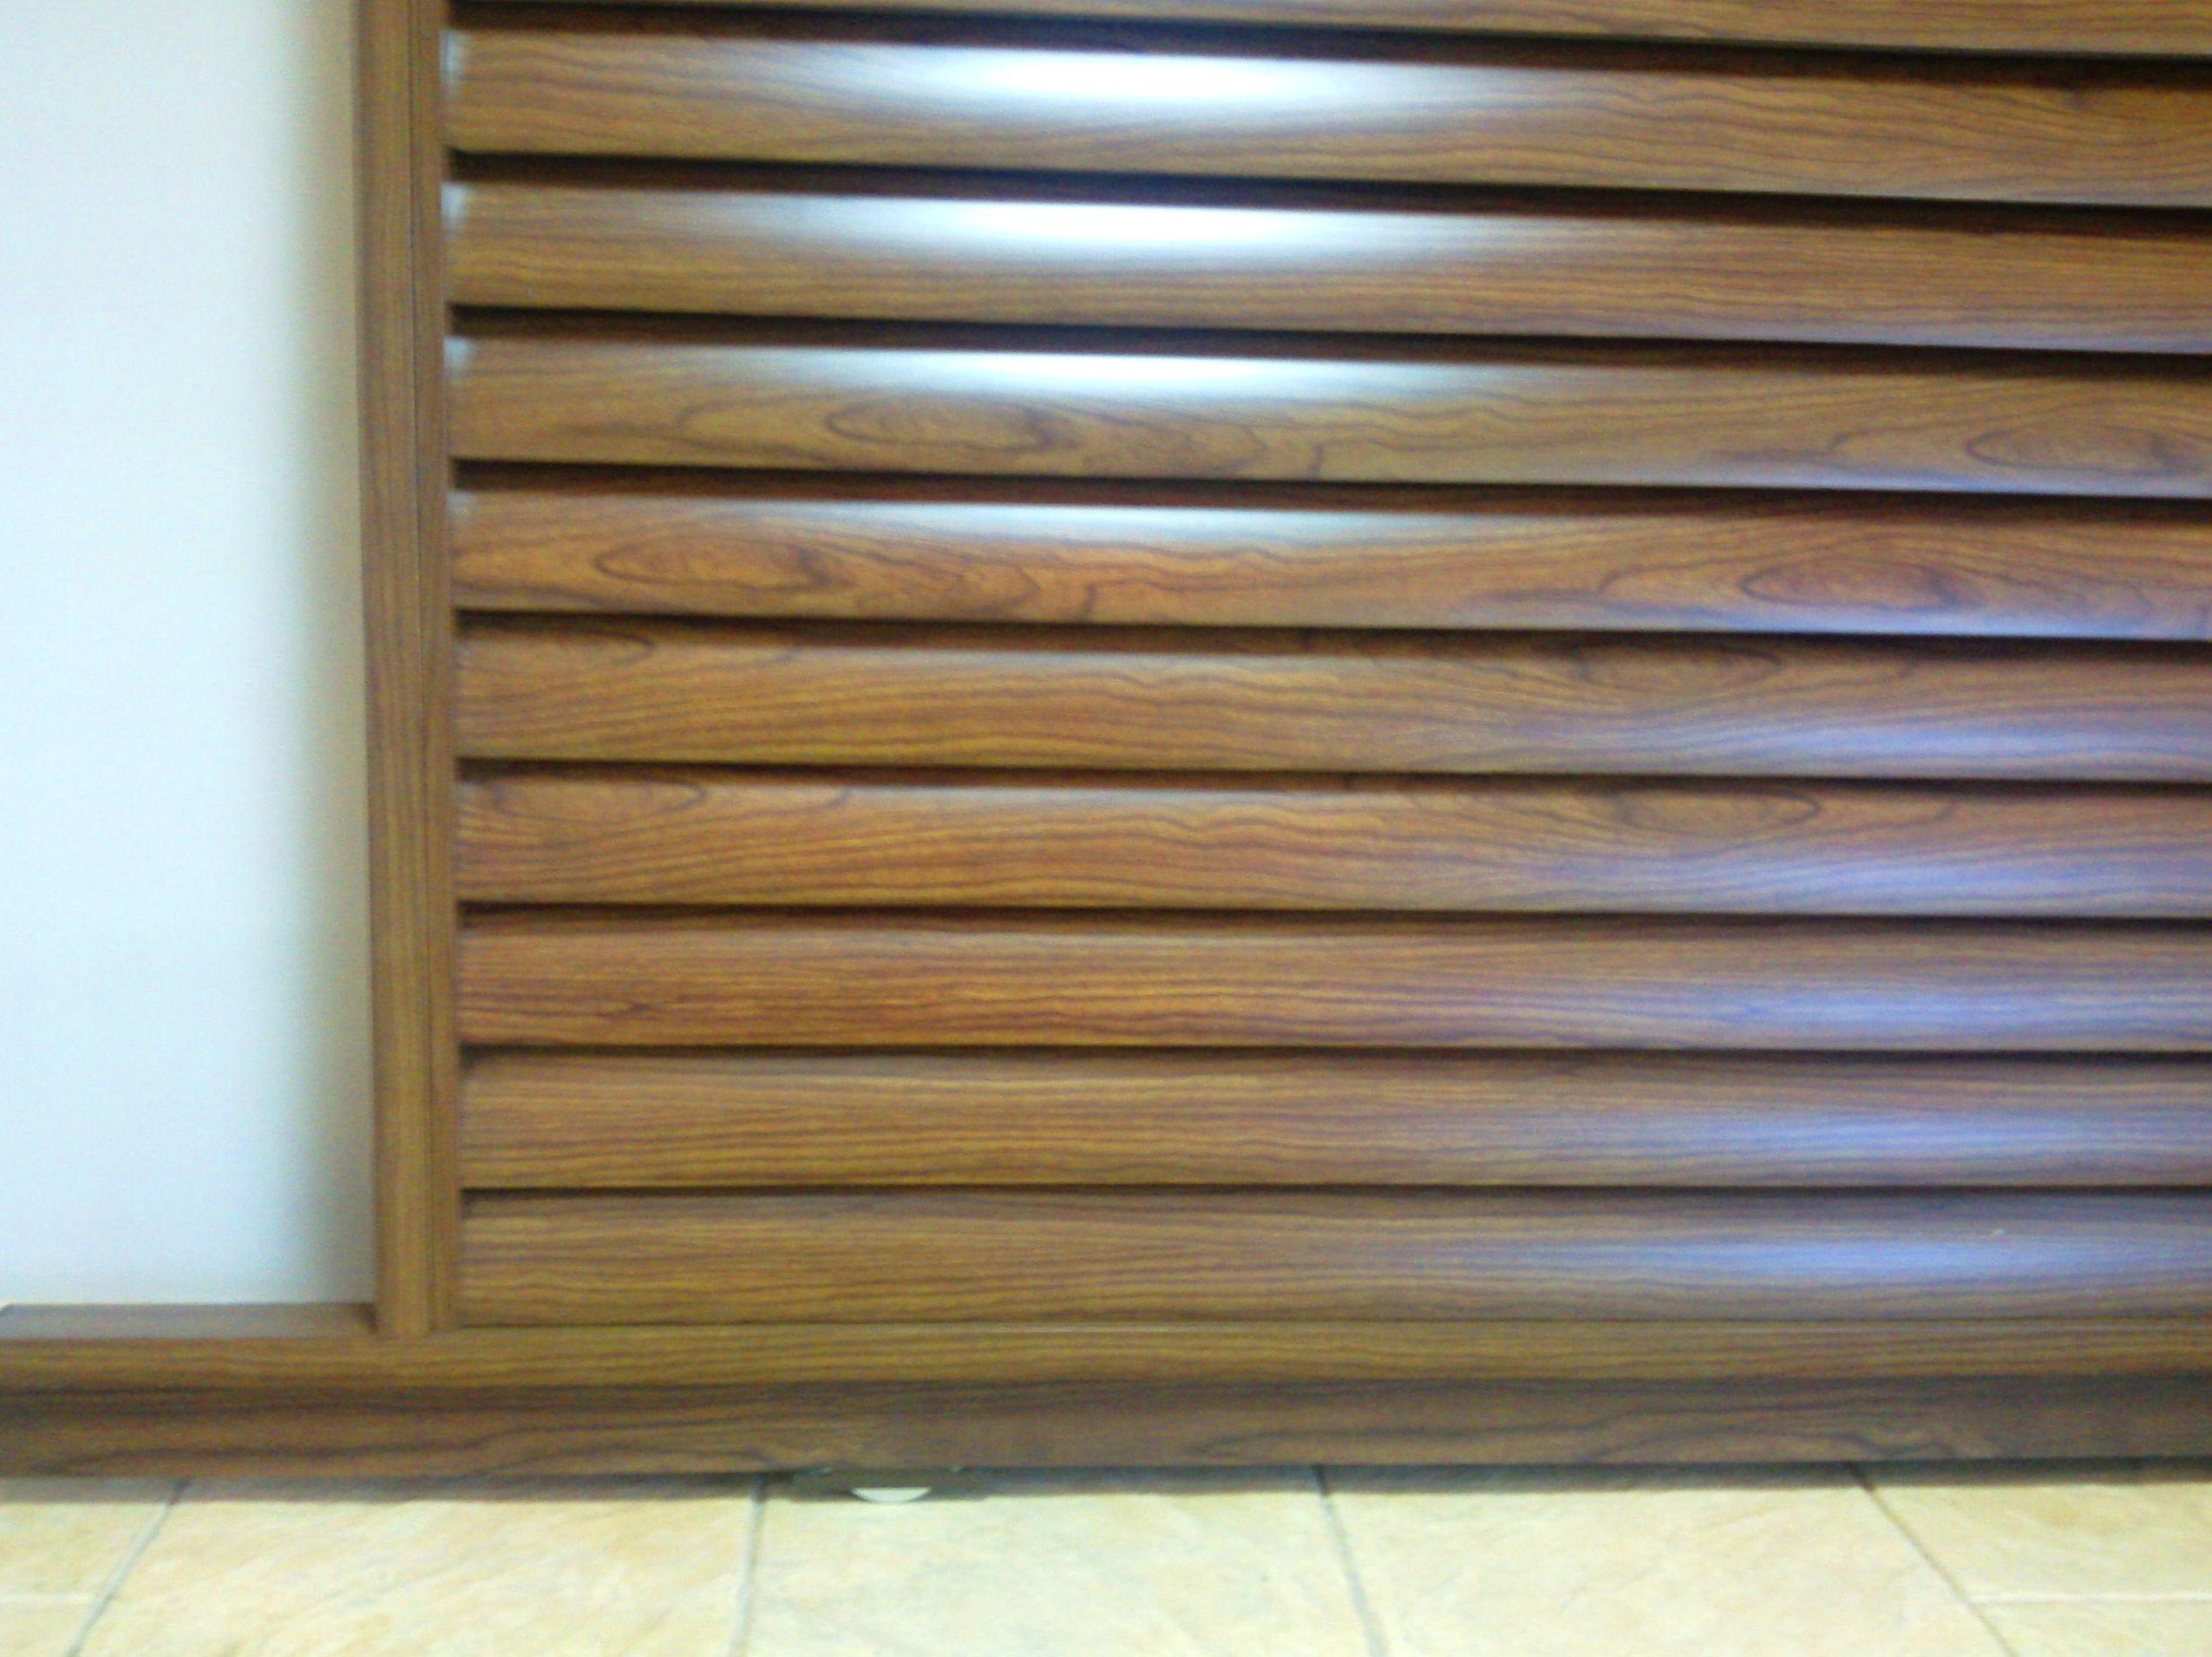 Puerta de aluminio lamas ovaladas grande vierte aguas imitación madera